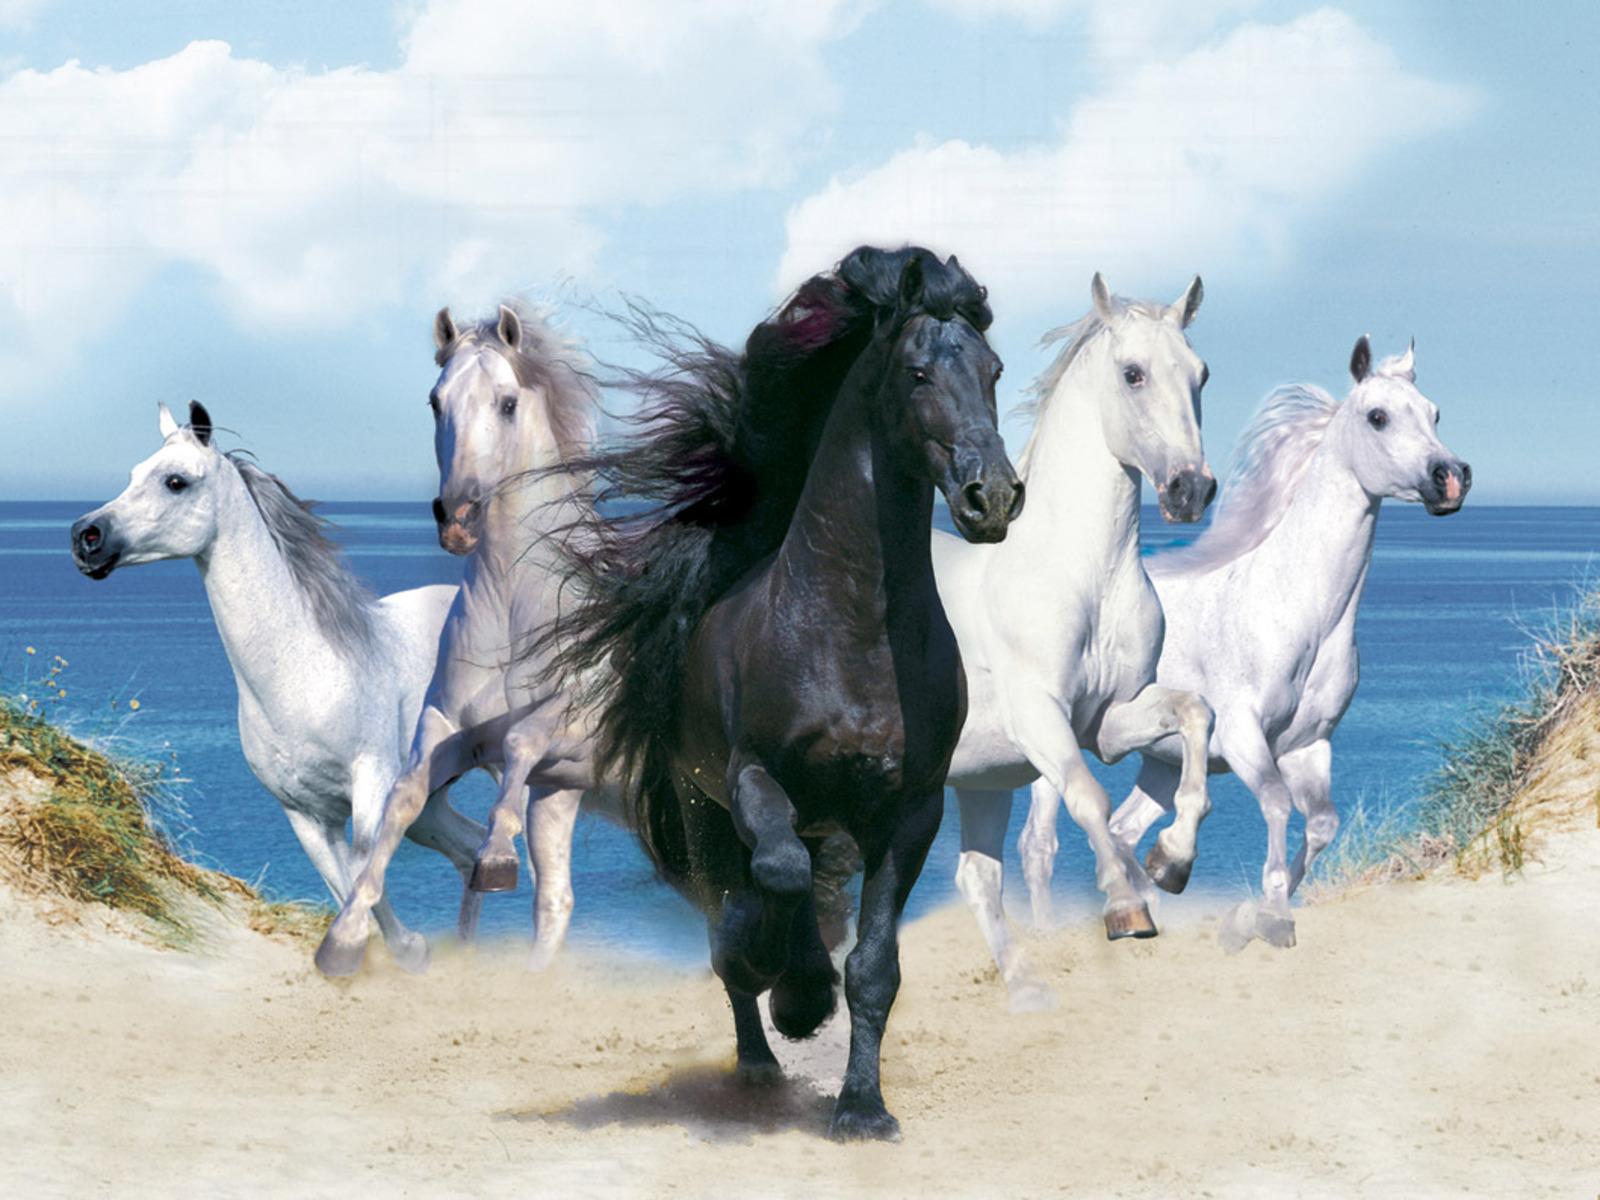 Galloping on the beach, pwani